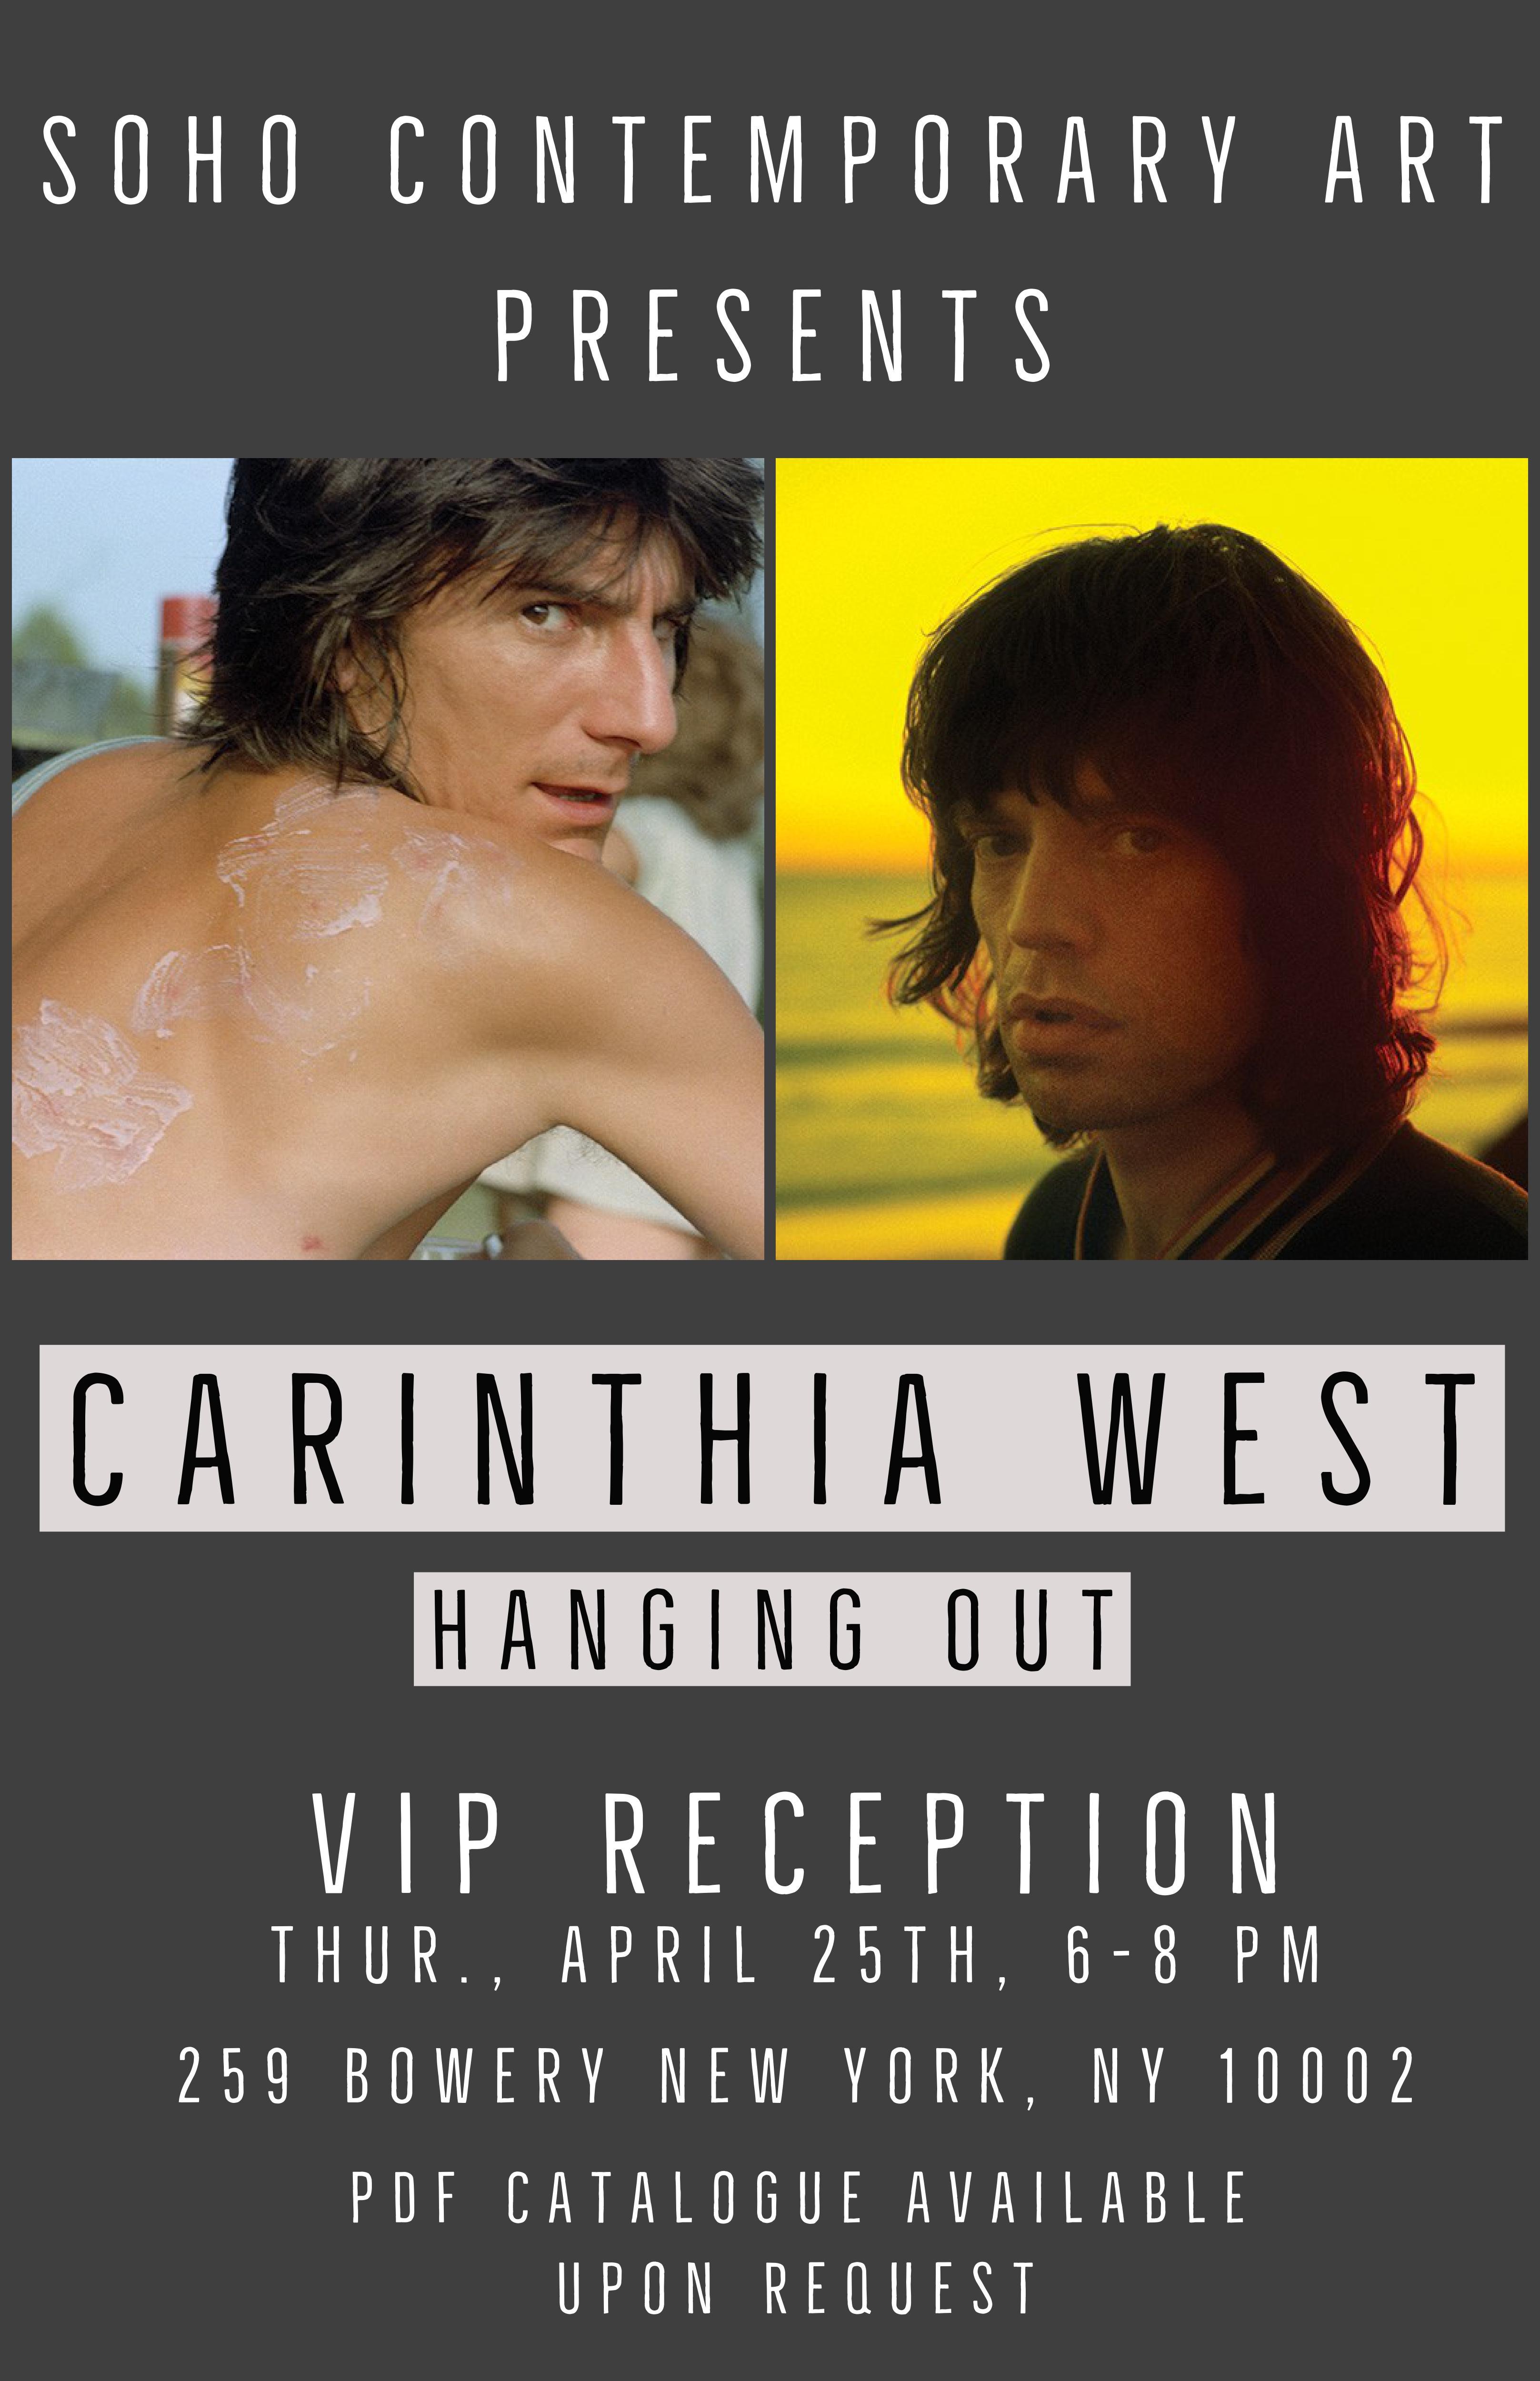 Carinthia West